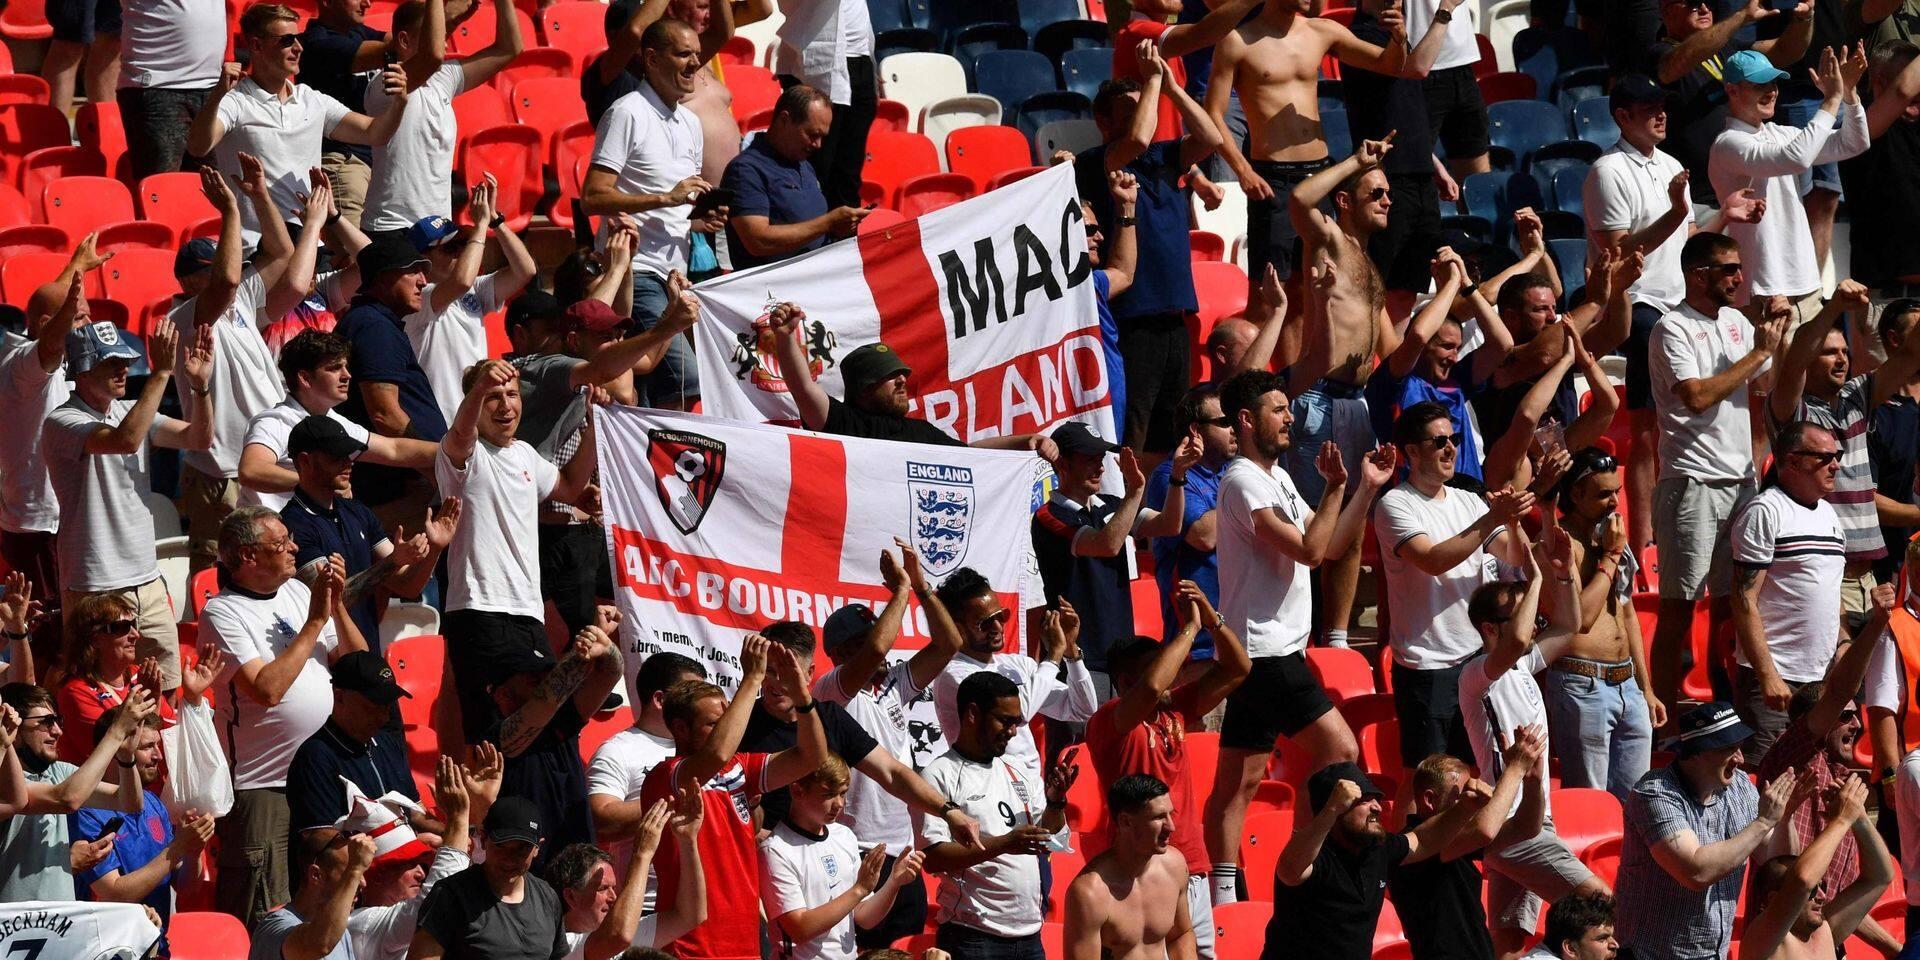 Un supporter anglais gravement blessé après une chute d'une tribune à Wembley lors de l'Euro 2020